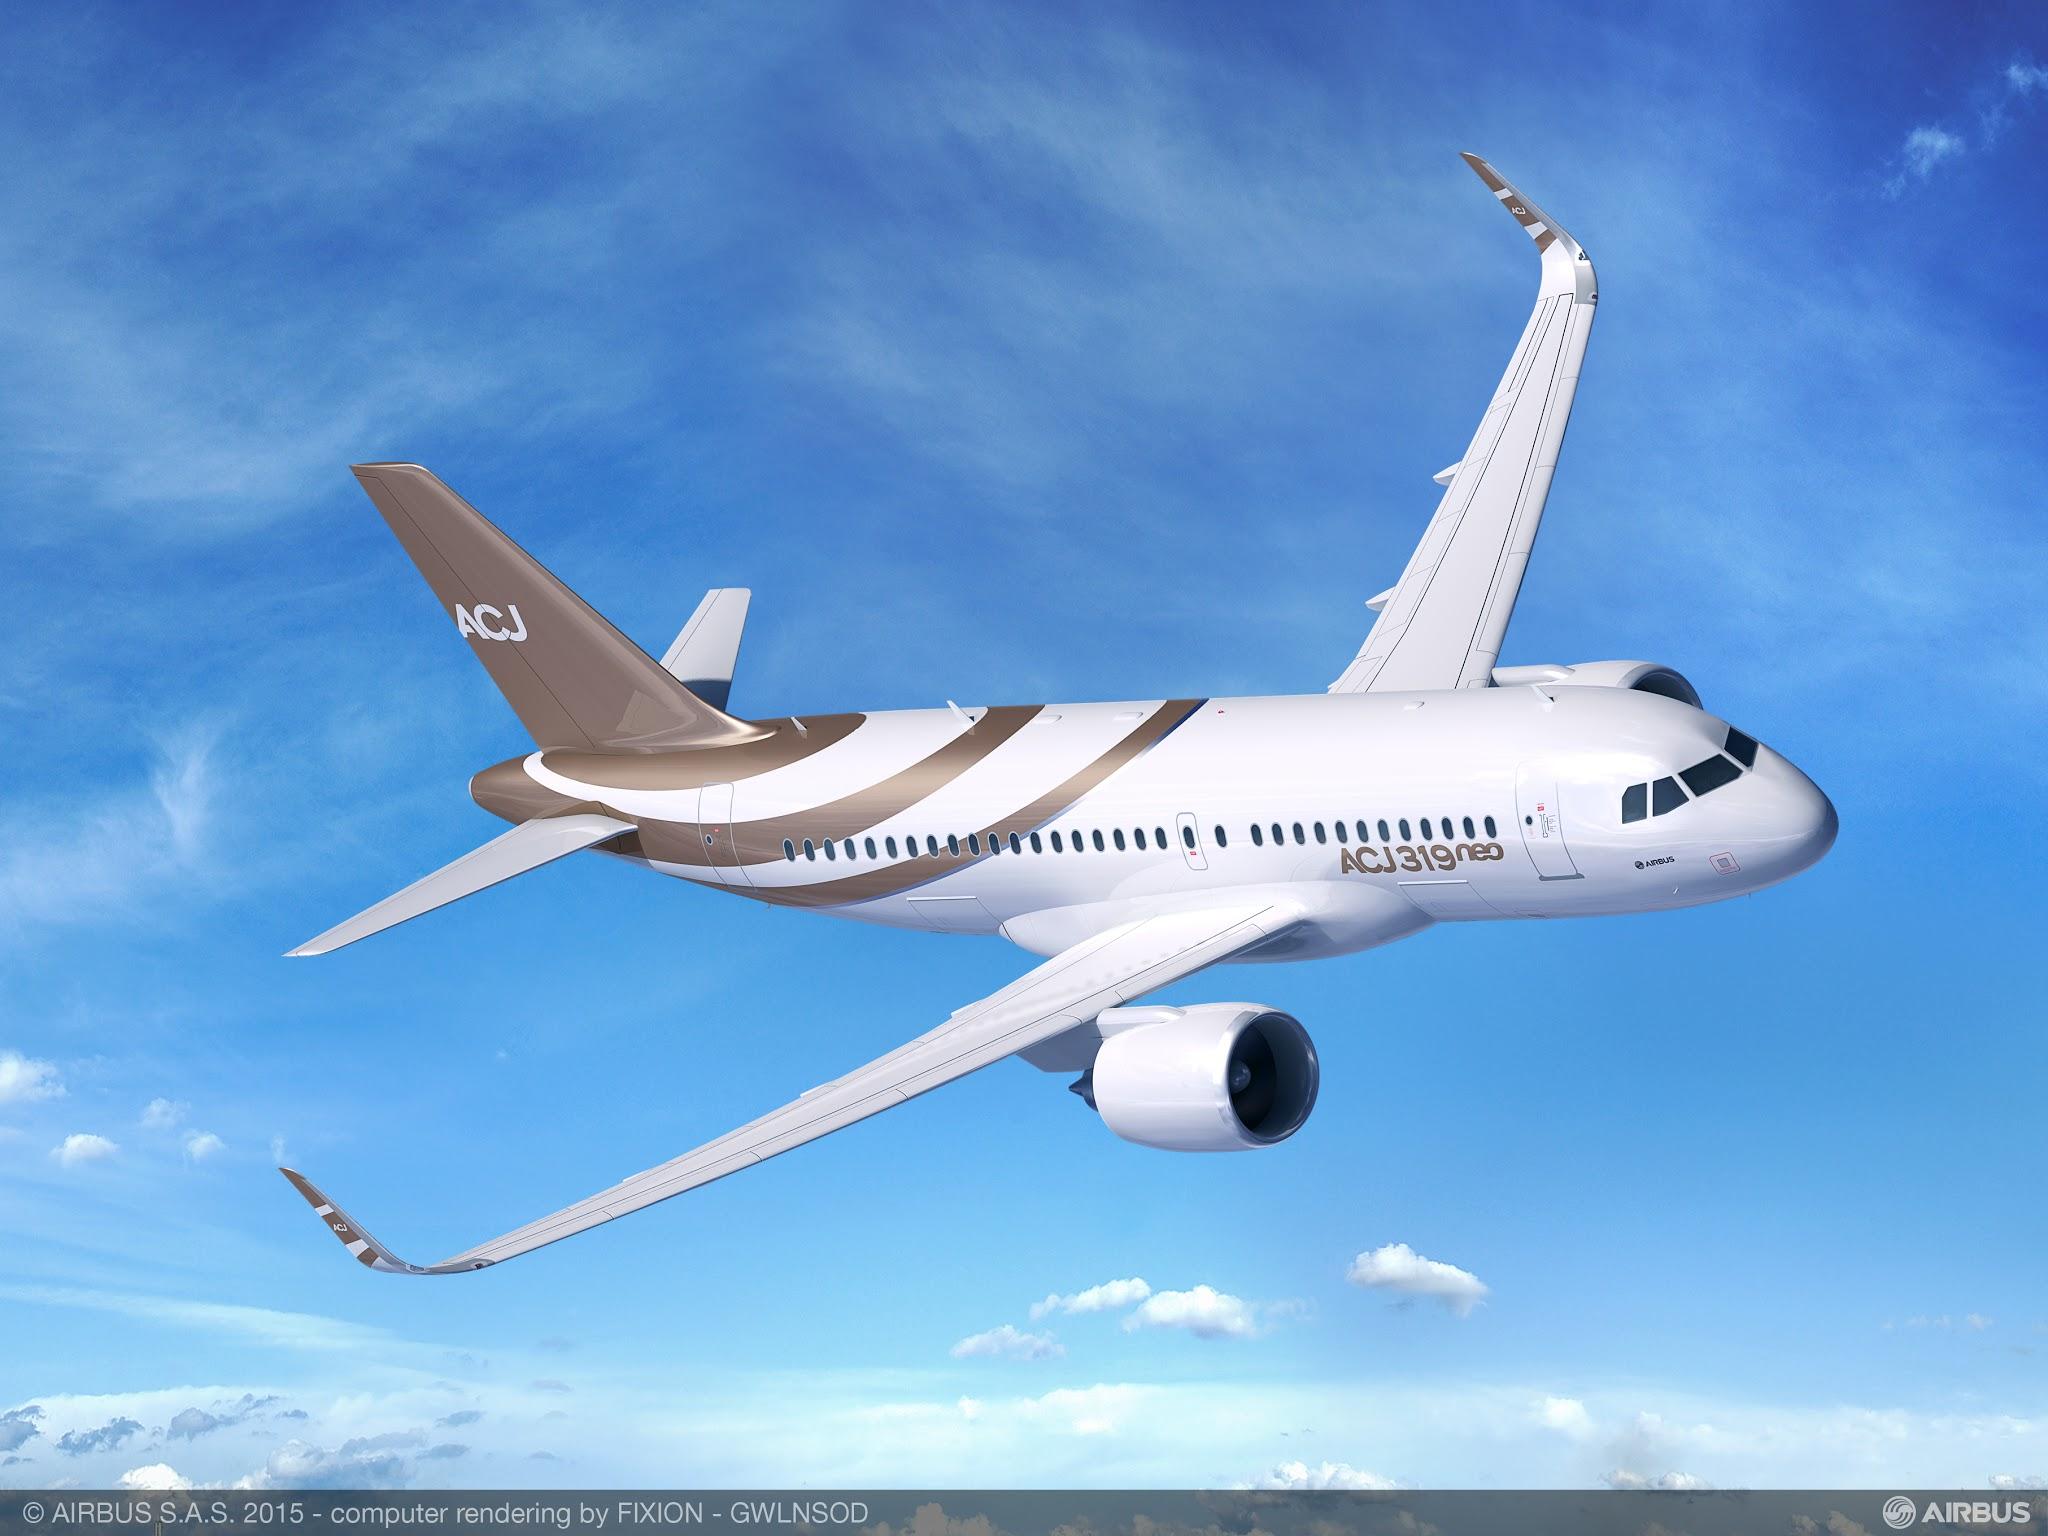 É MAIS QUE VOAR | K5 Aviation encomenda um Airbus ACJ319neo